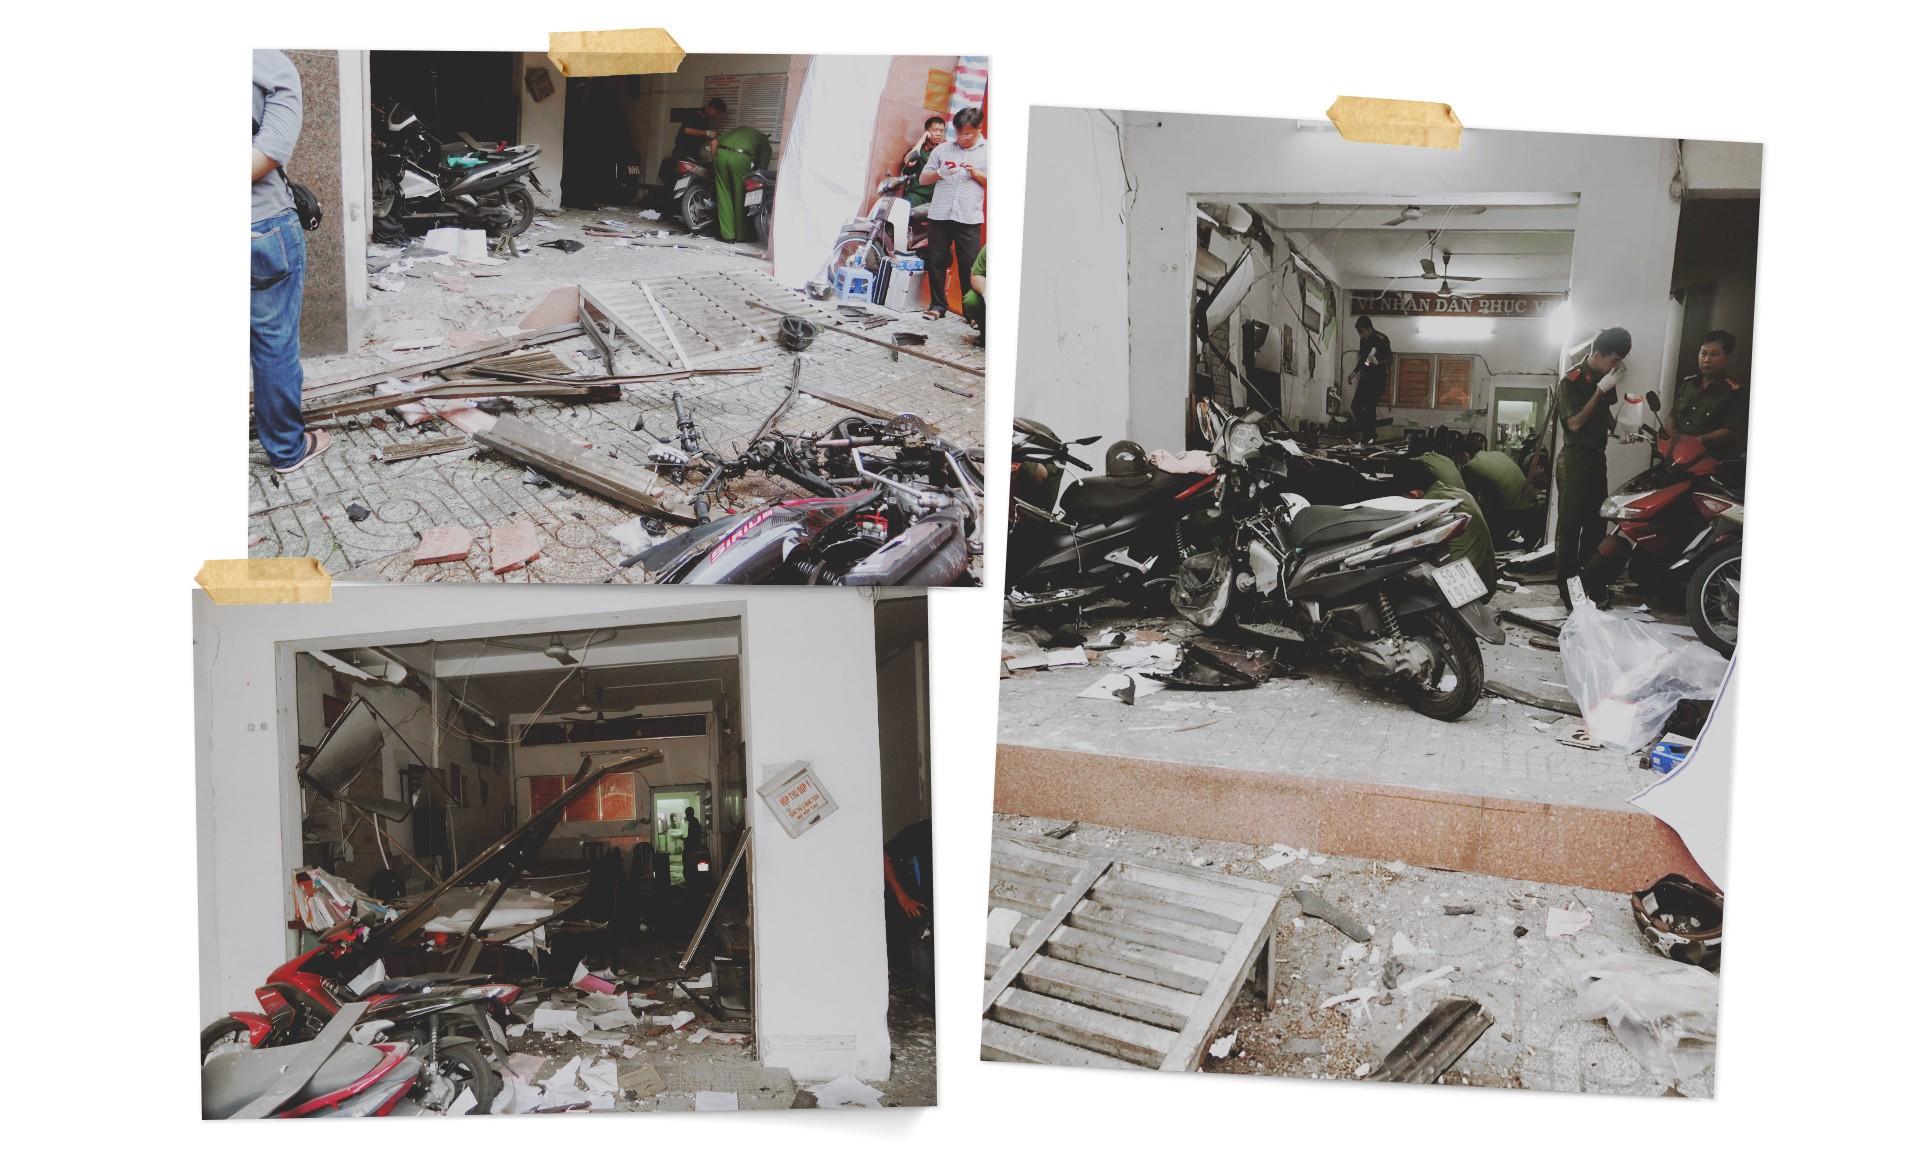 Hành trình phá án đánh bom trụ sở công an ở TP.HCM - Ảnh 4.